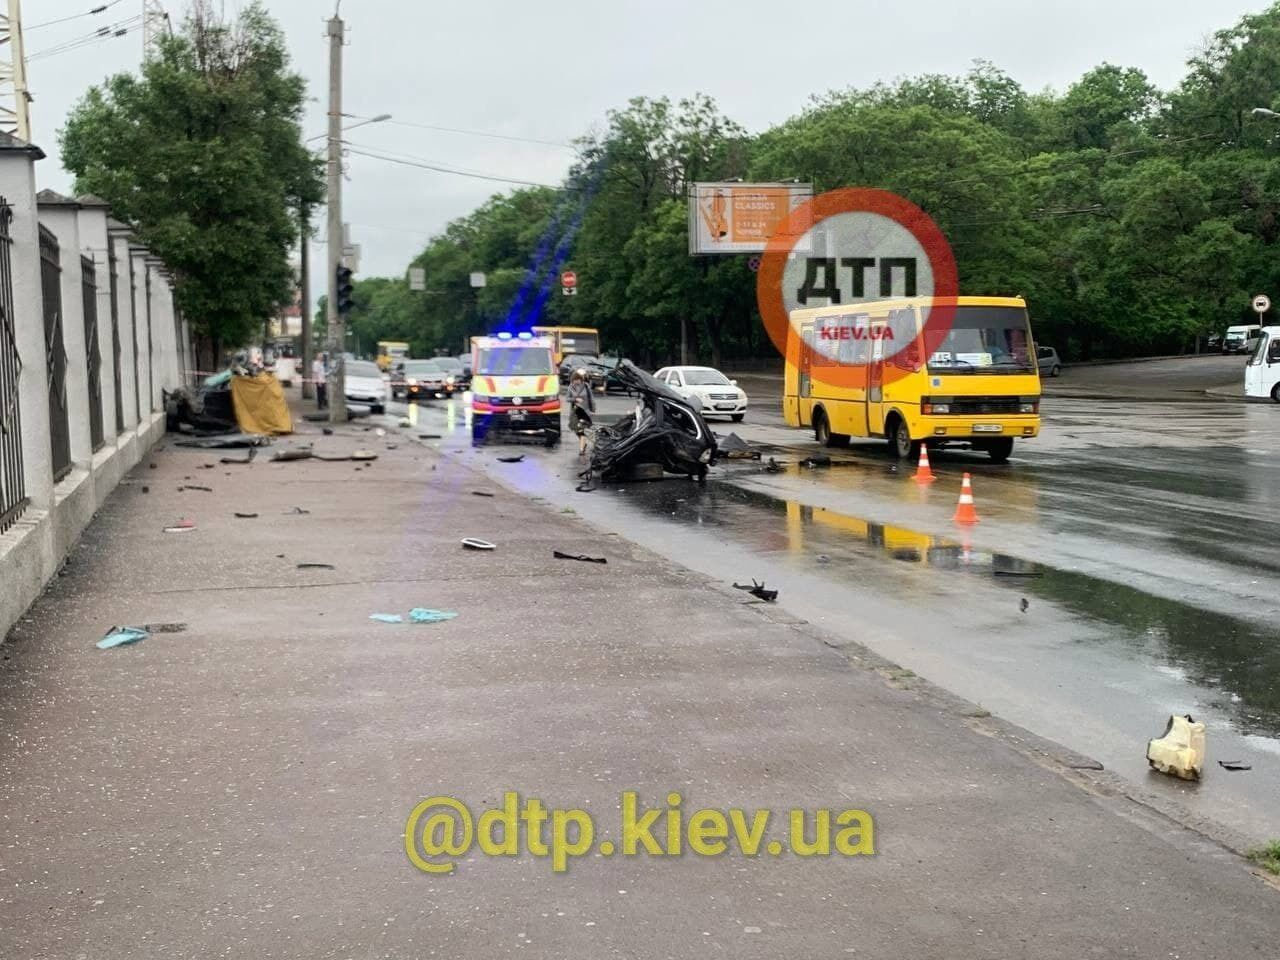 Наслідки аварії в Одесі